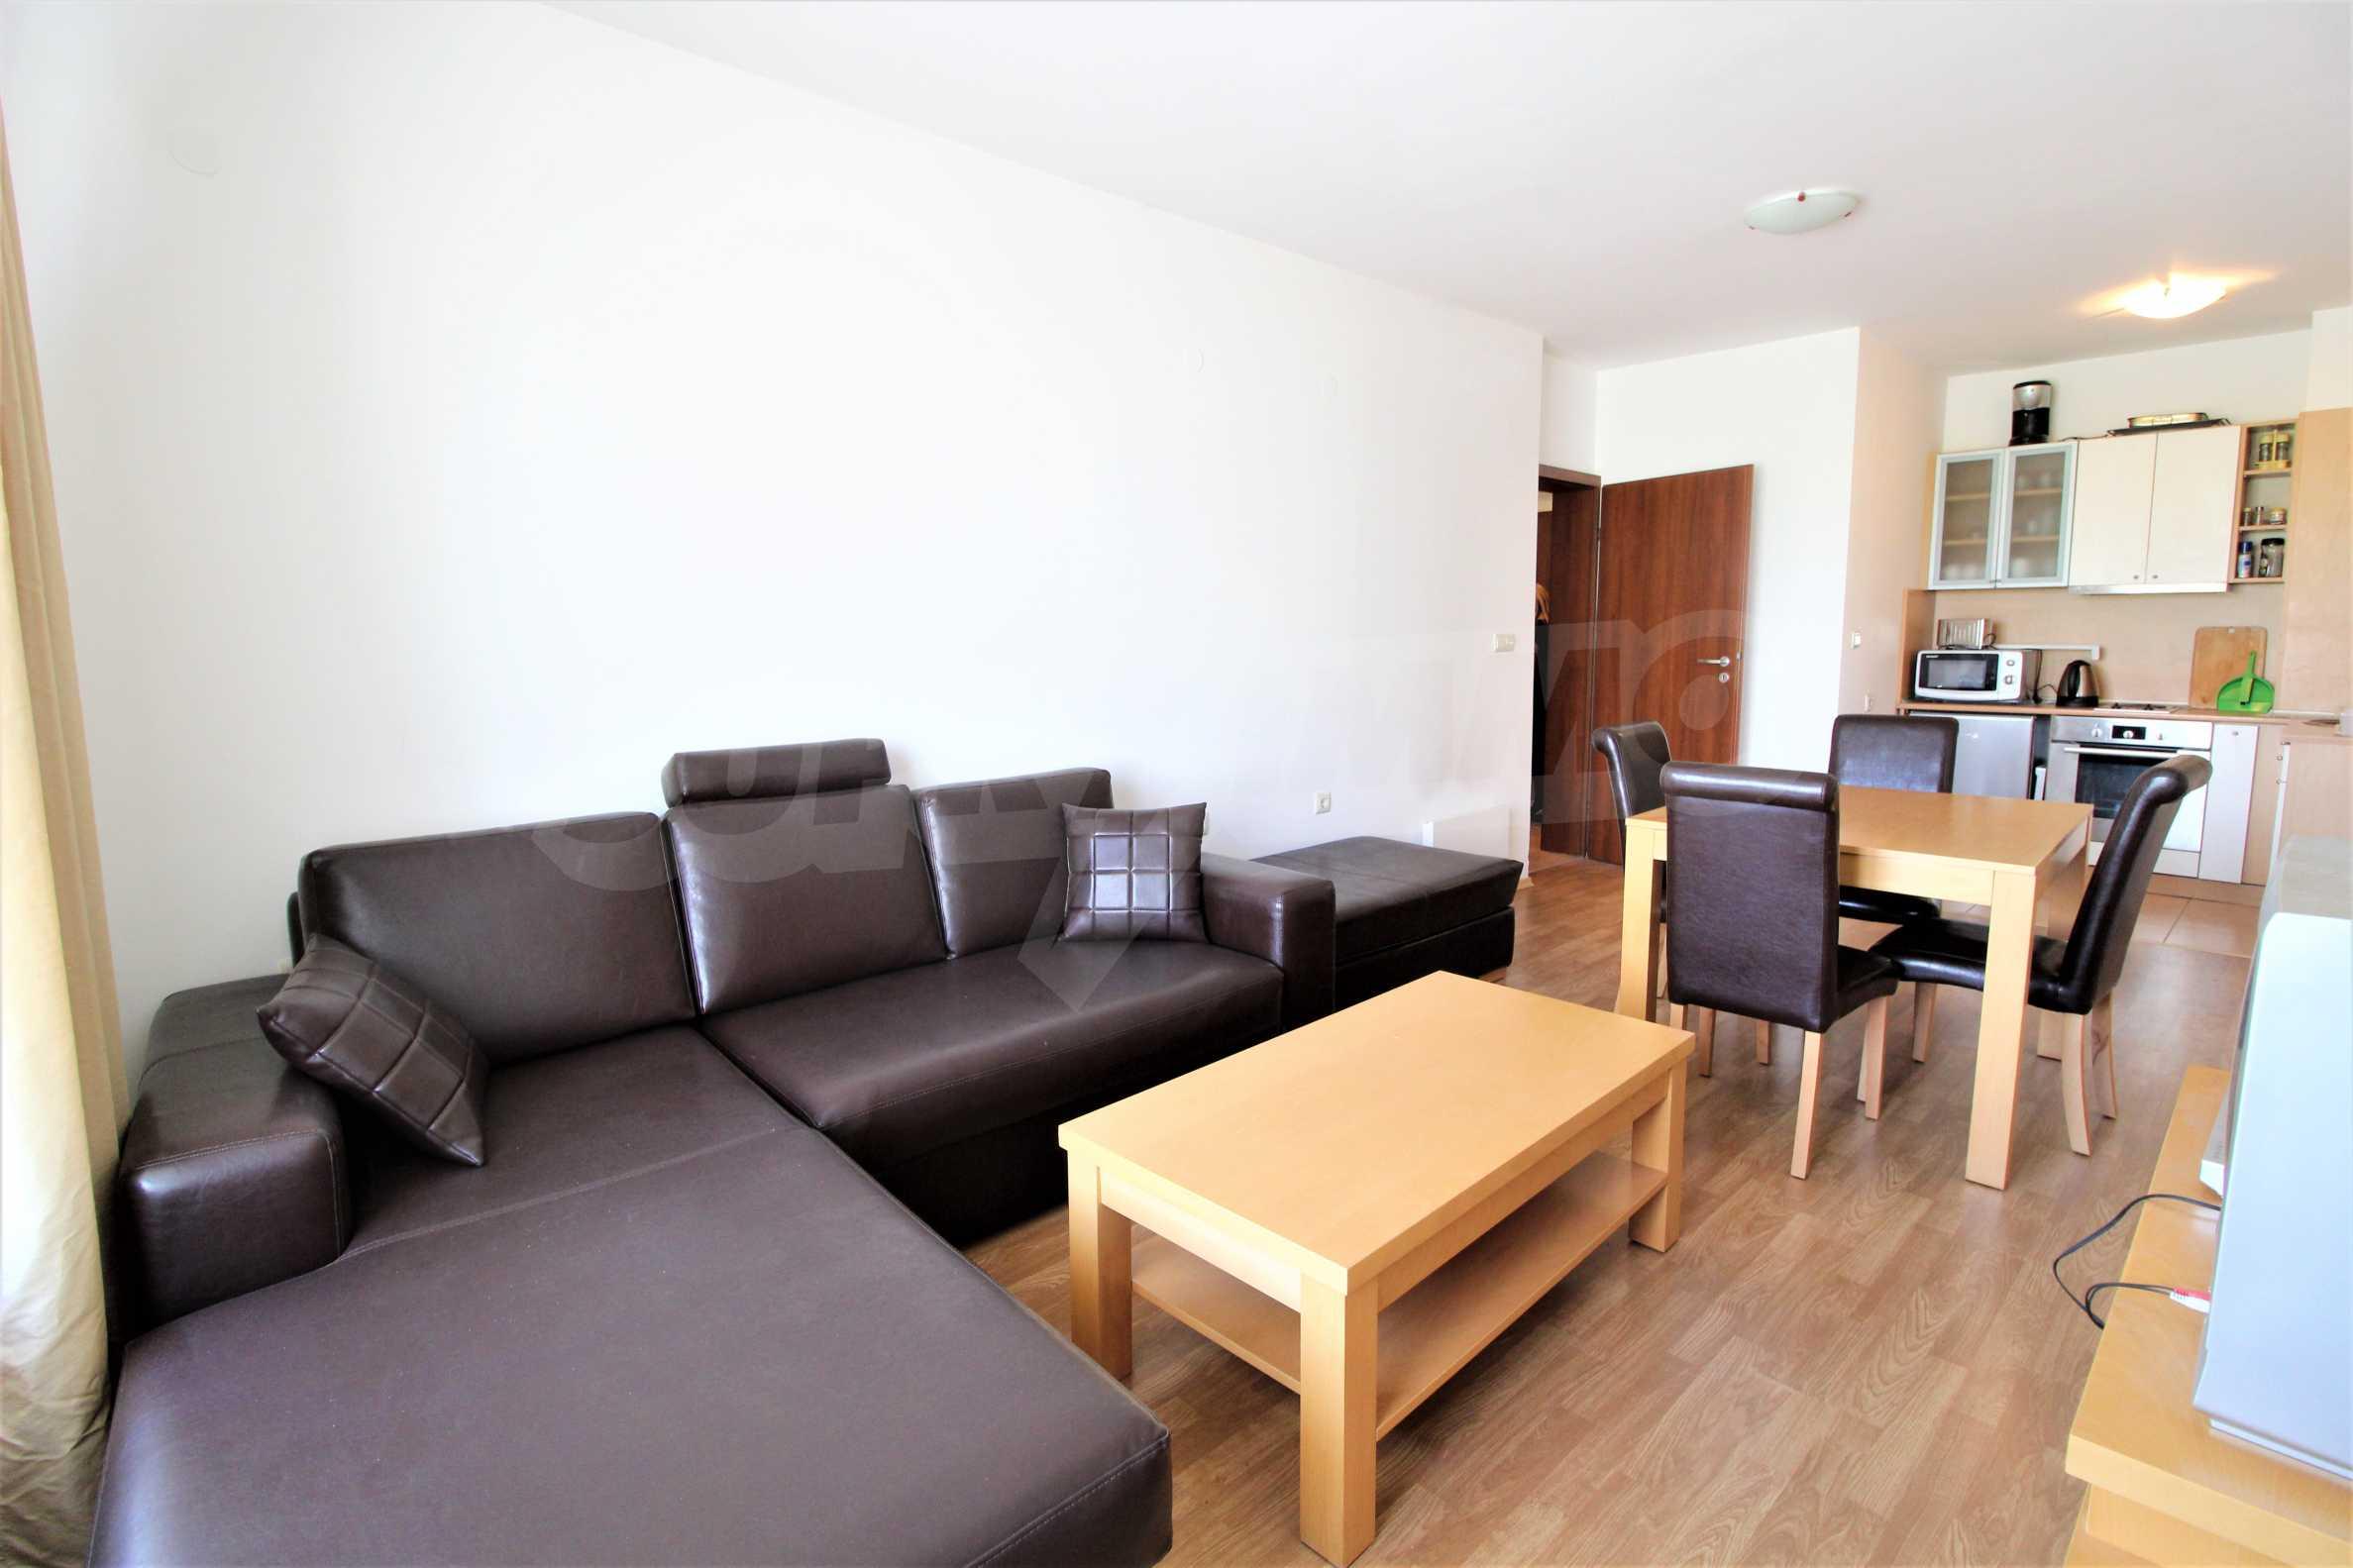 Möbliertes Apartment mit zwei Schlafzimmern im Top Lodge-Komplex, nur wenige Meter vom Skilift in Bansko entfernt